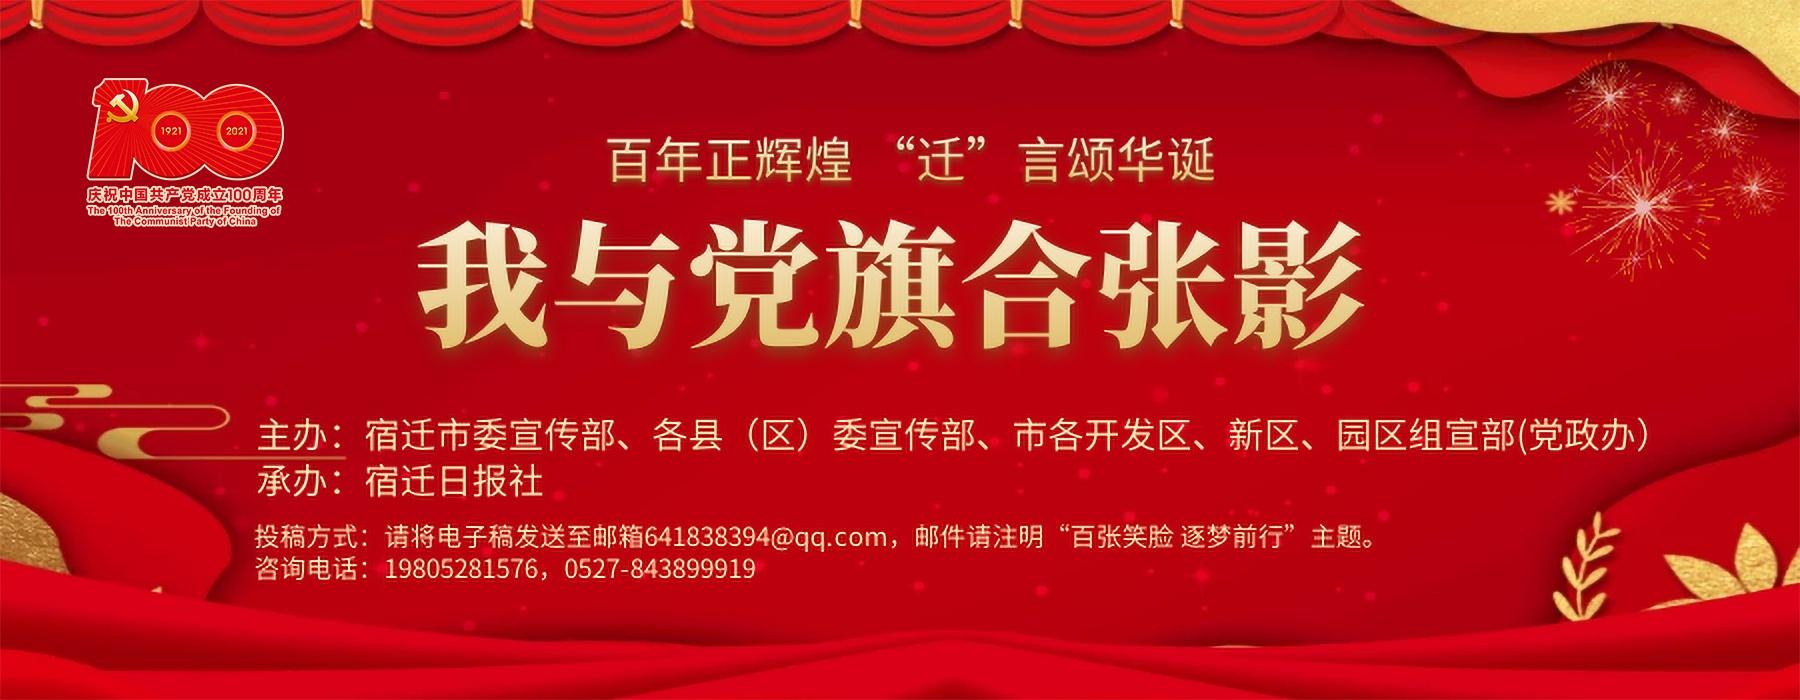 """我与党旗合张影㊵   宿豫区城管局:""""党旗红""""引领""""城管蓝"""""""